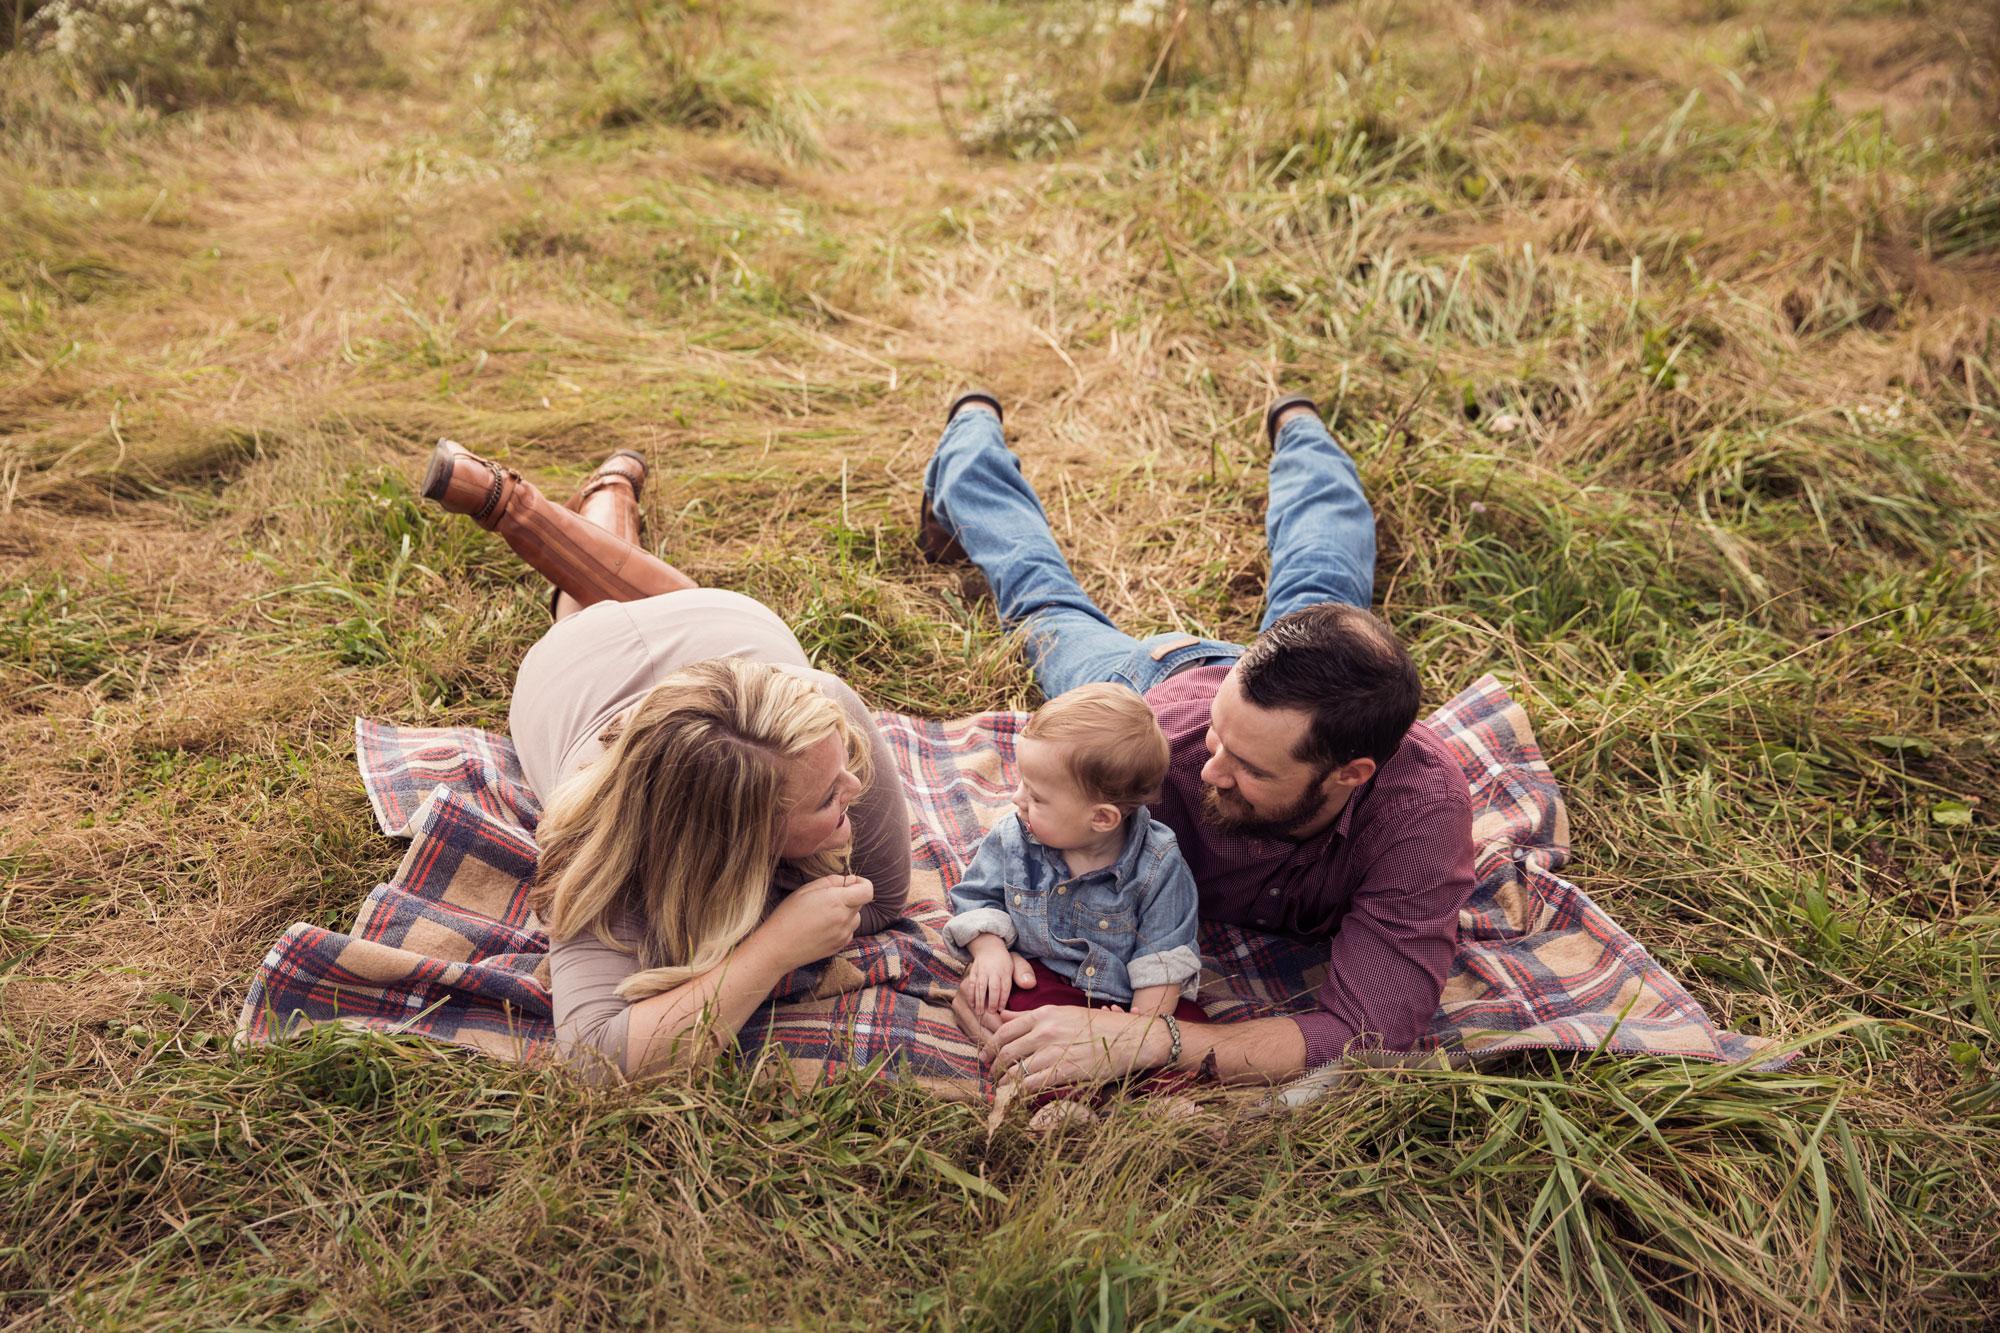 gatlinburg-photographer-family-picture-in-grass.jpg